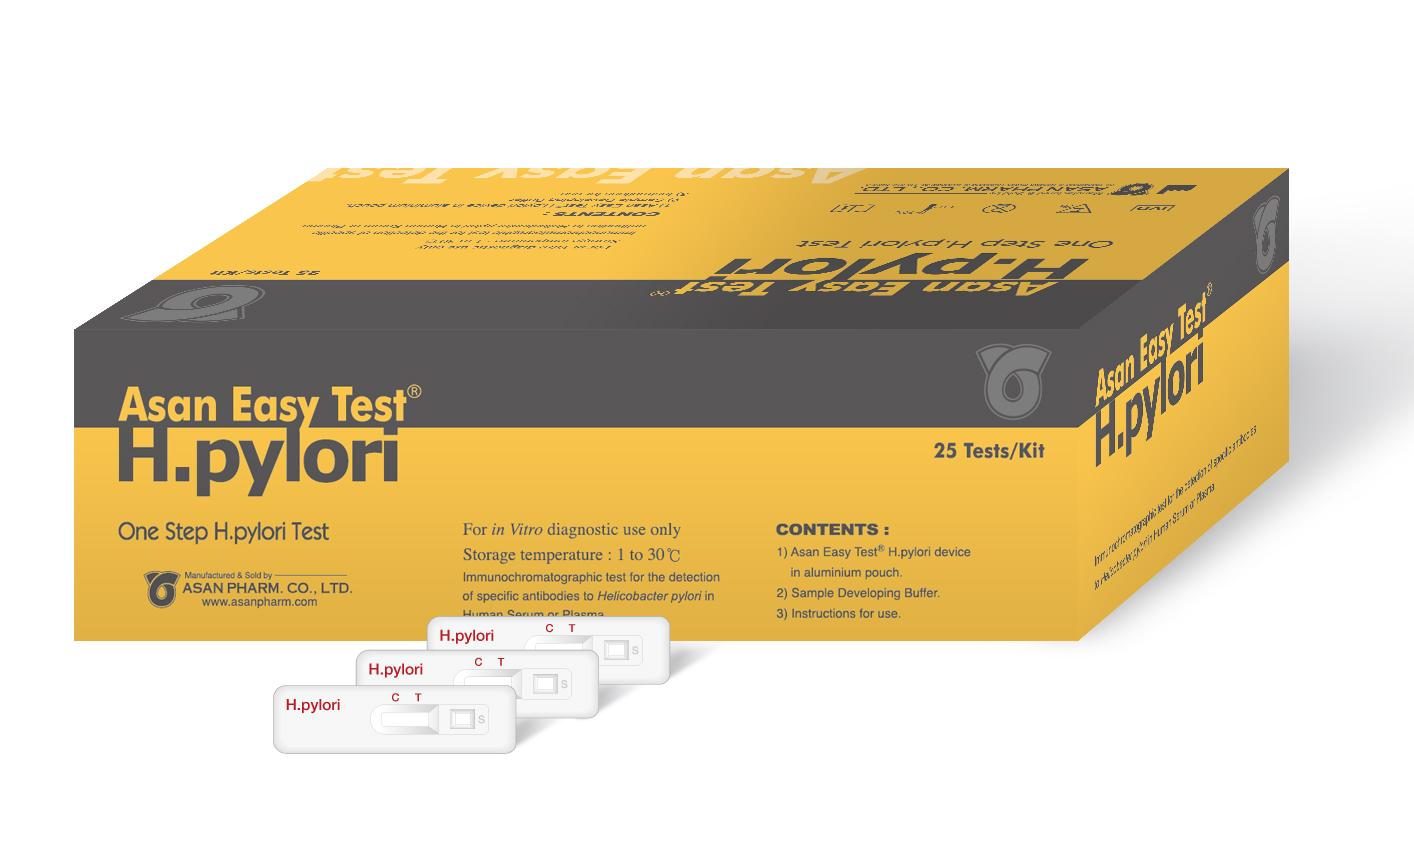 Asan Easy Test H.pylori (Device)